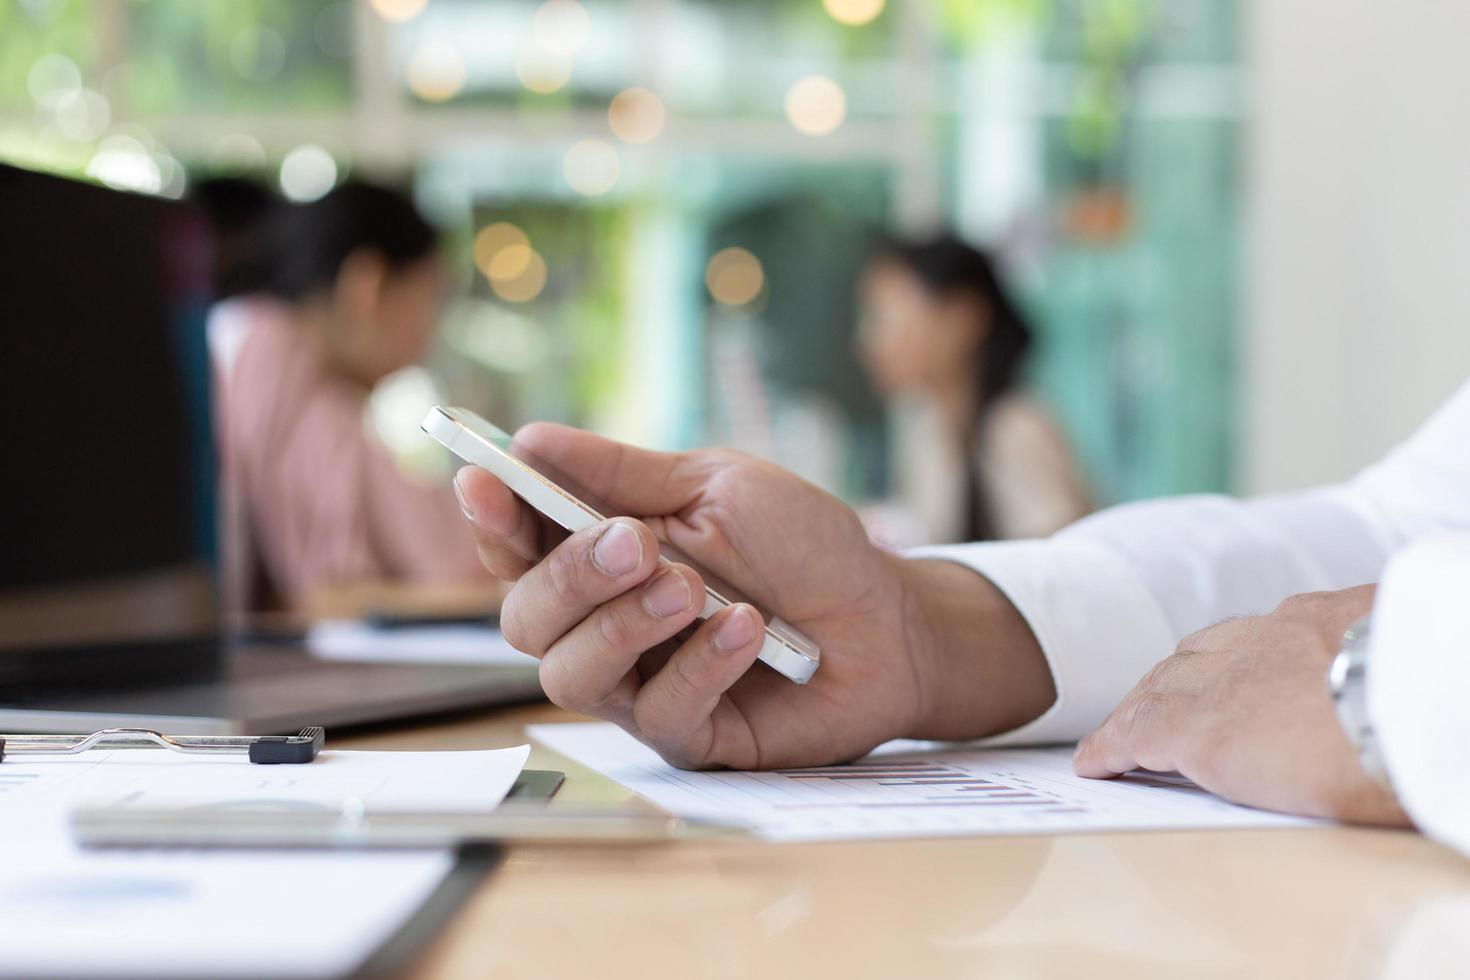 pessoa de negócios na mesa usando telefone celular foto